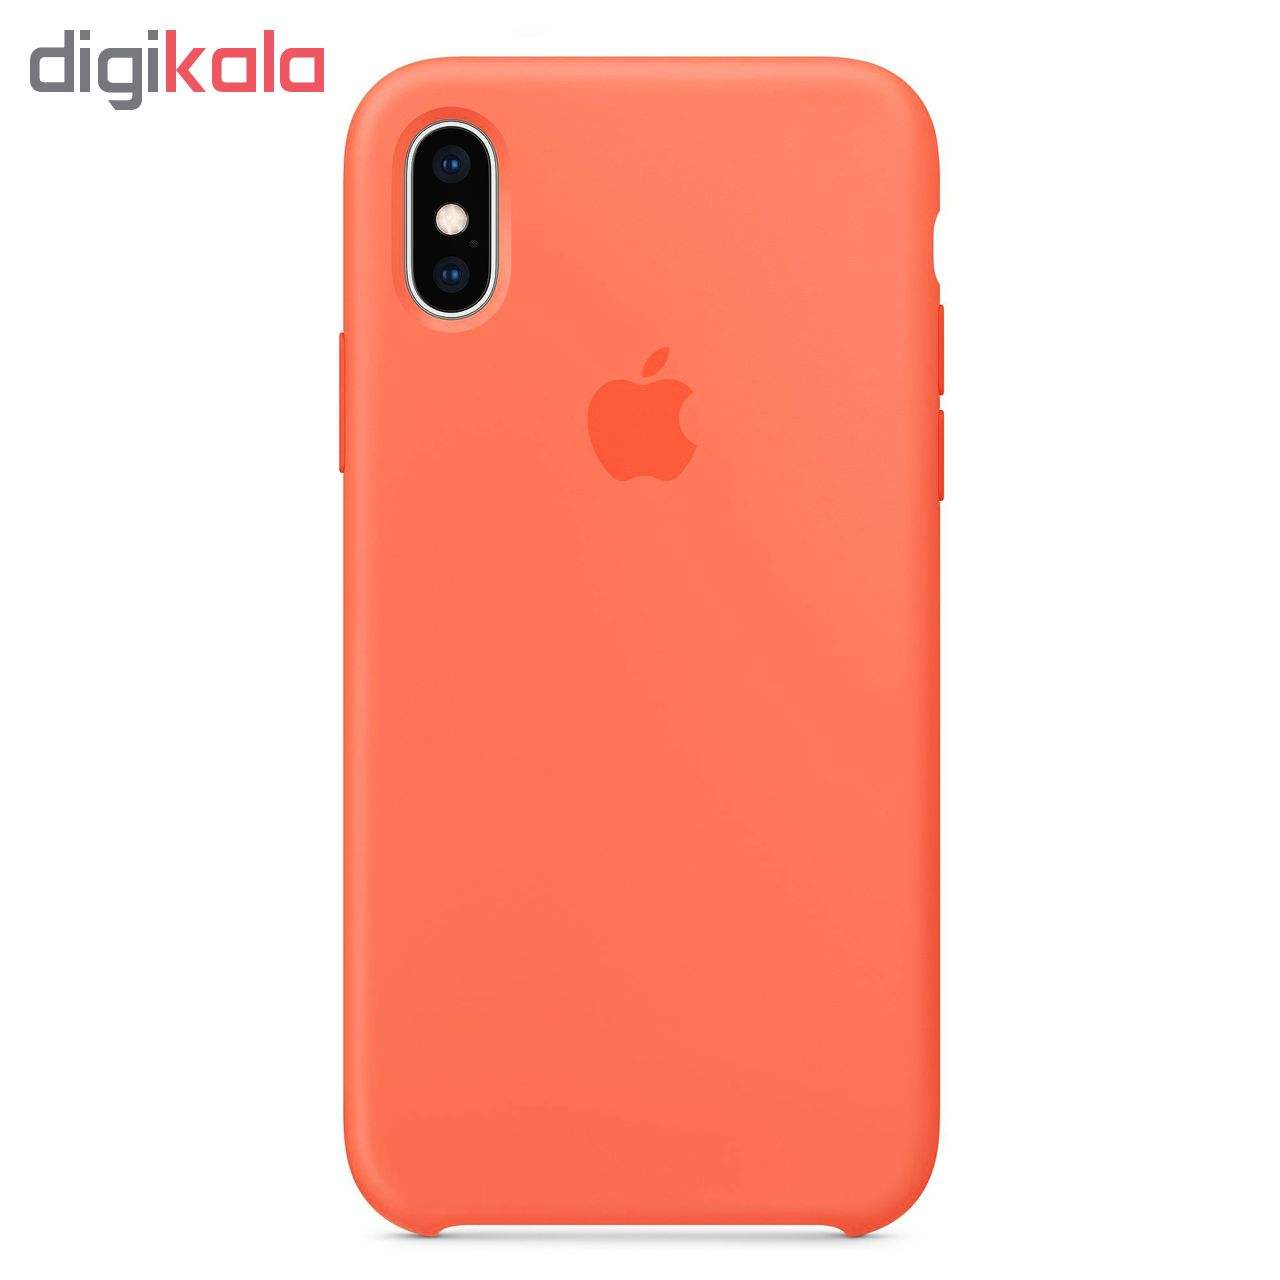 کاور مدل sili004 مناسب برای گوشی موبایل اپل Iphone XS Max main 1 7